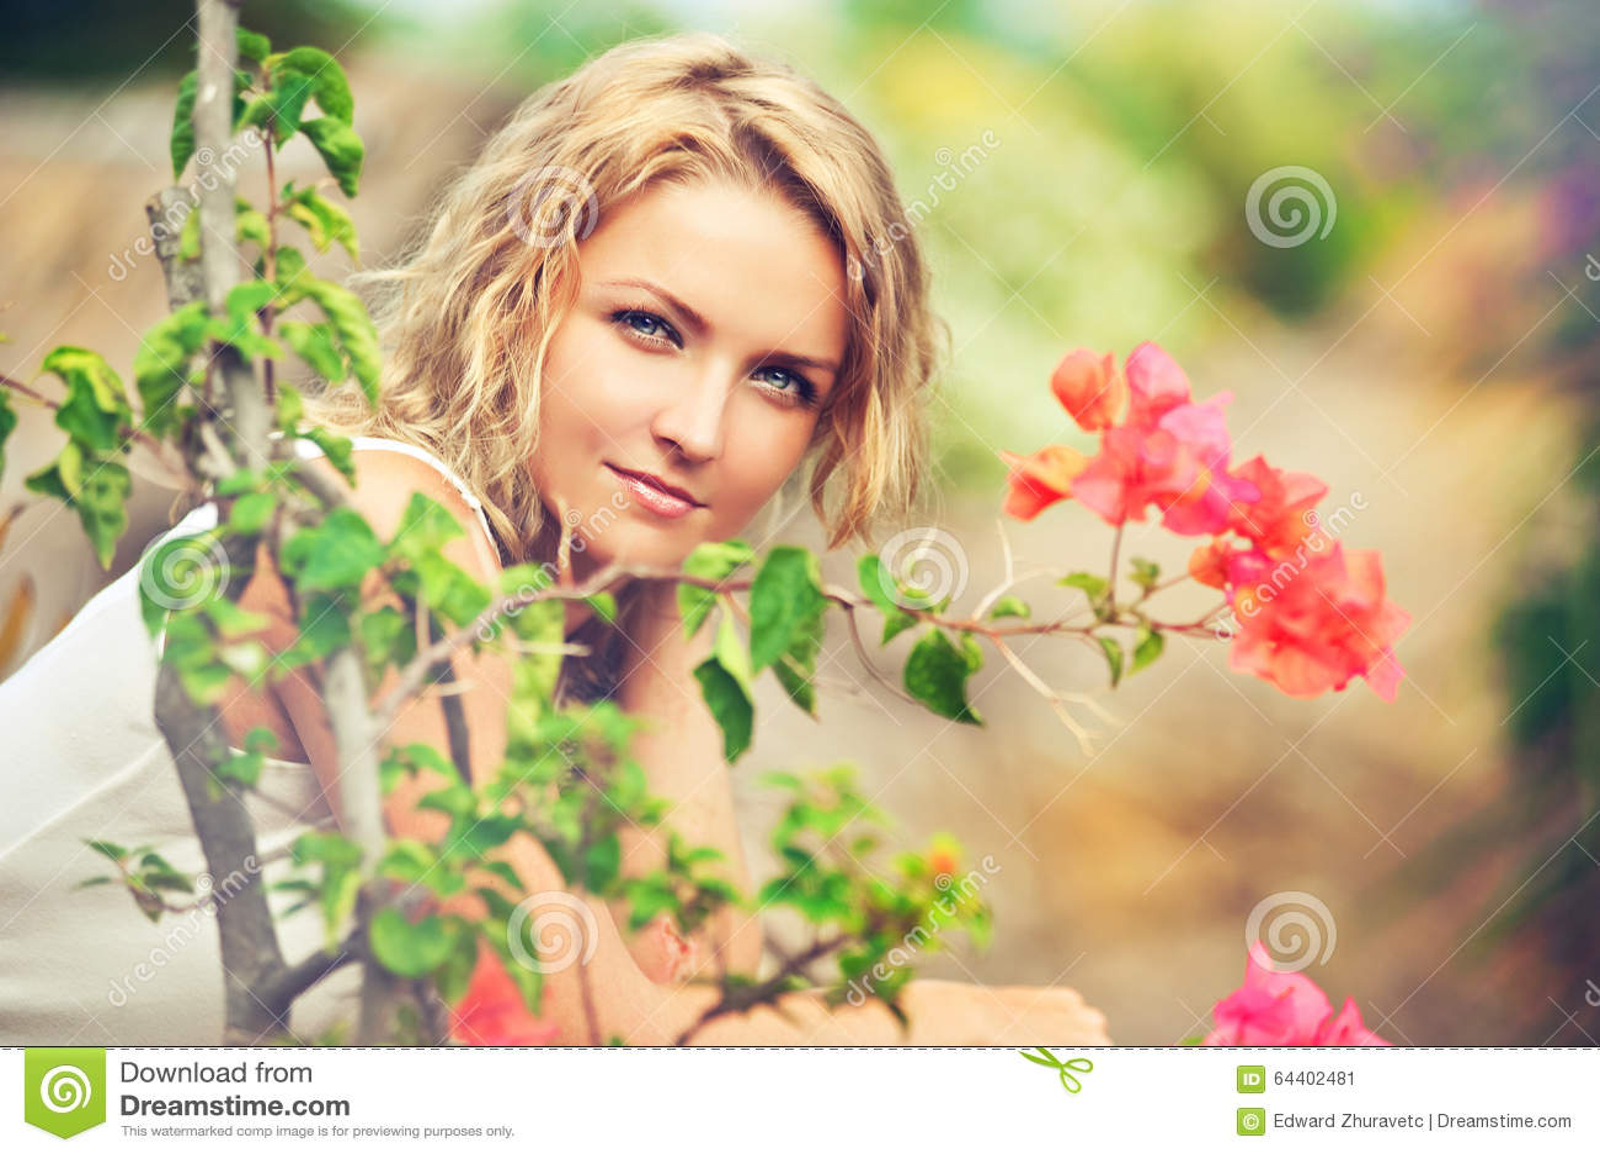 Porträt der schönen jungen Frau auf der Natur